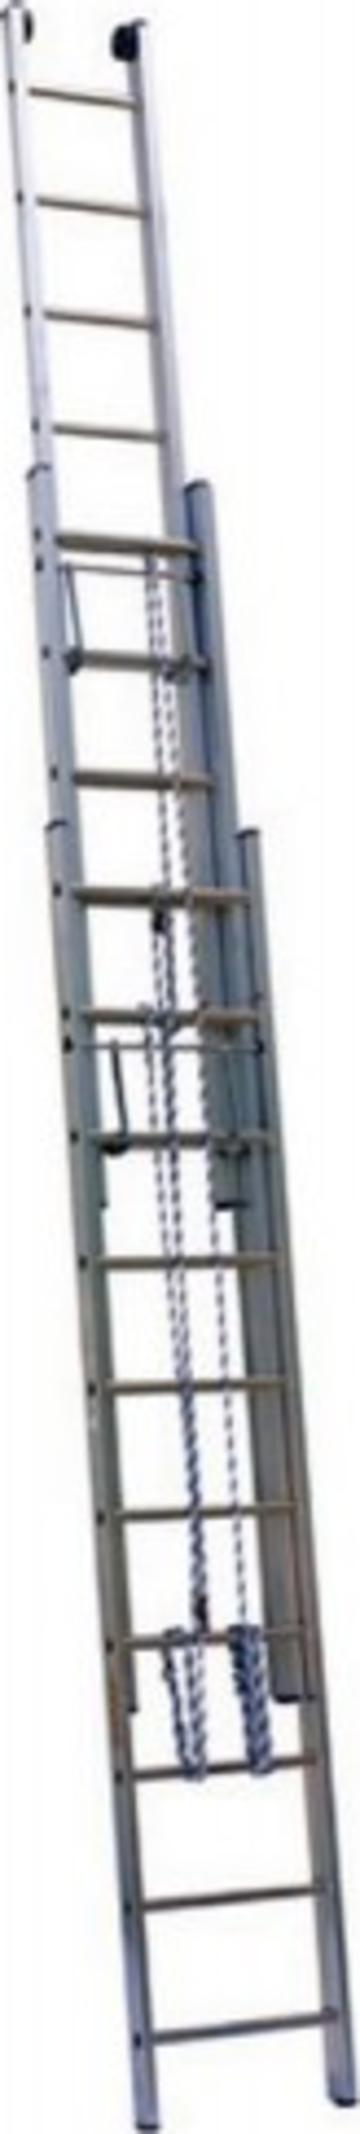 Лестница Лестница выдвижная трехсекционная АЛЮМЕТ 3315 3х15 с тросом